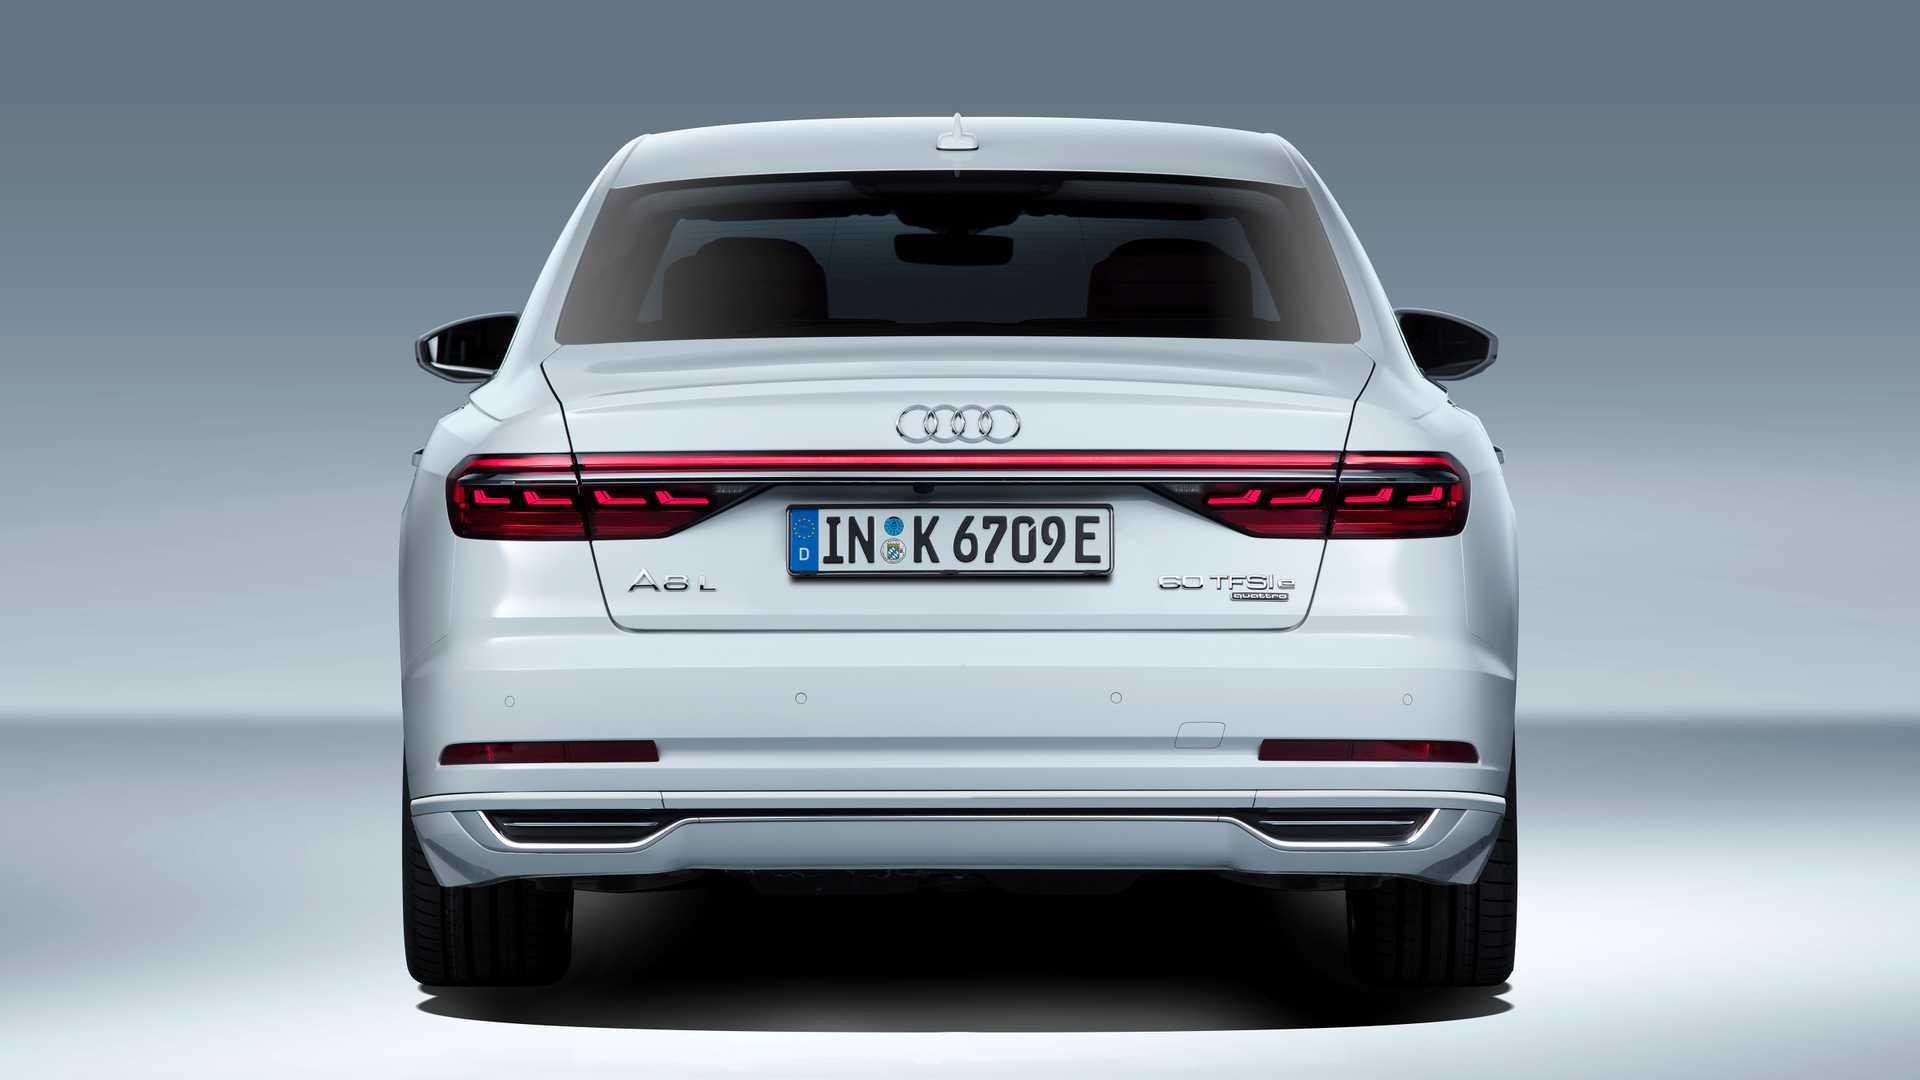 Audi A8 line-up adds plug-in hybrid 'e quattro'